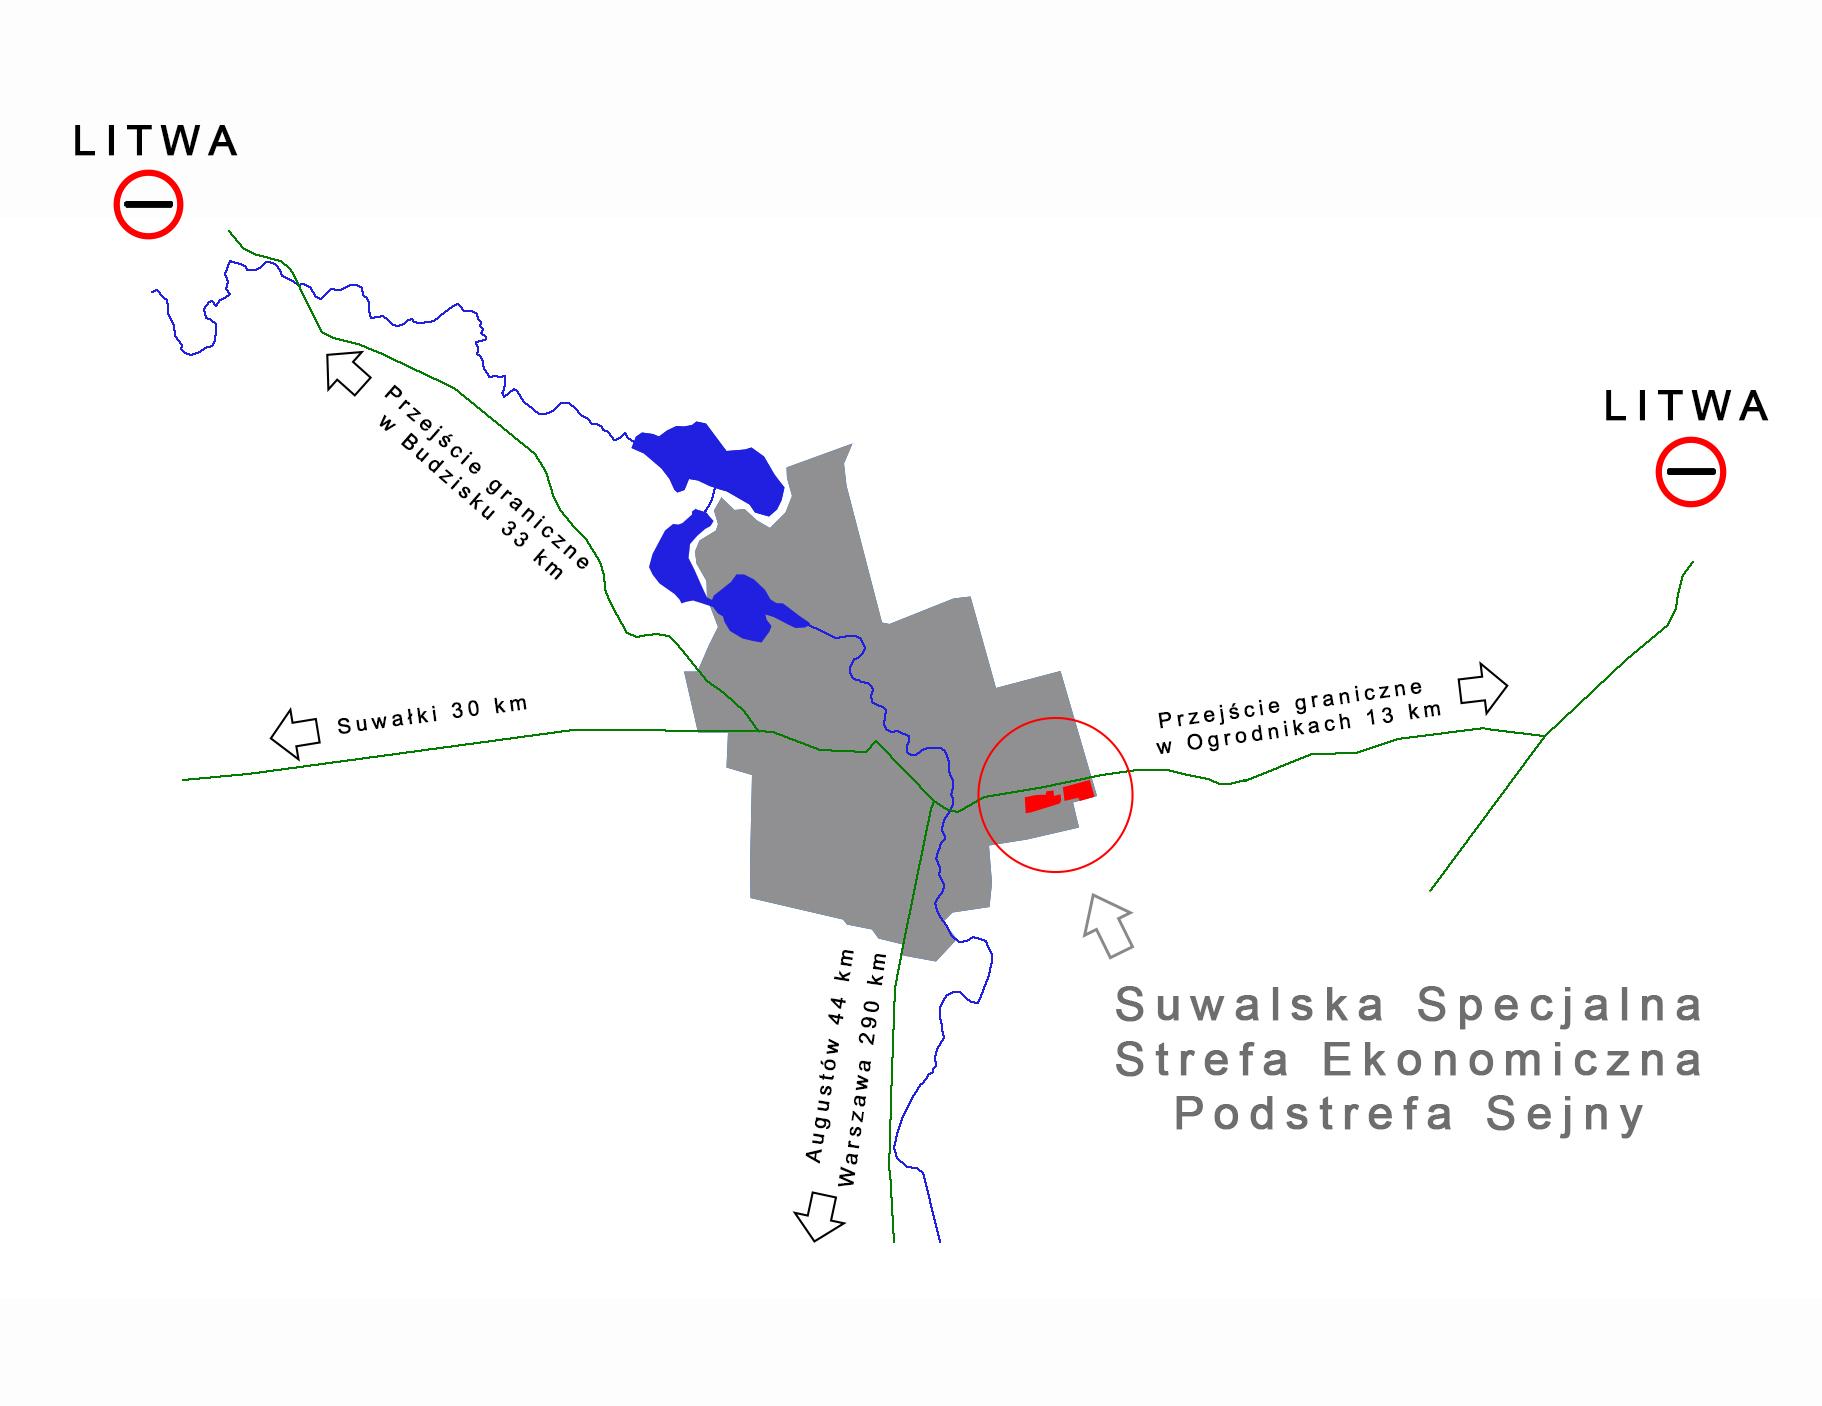 Suwalska Specjalna Strefa Ekonomiczna - Podstrefa Sejny (fot.ssse.com.pl)